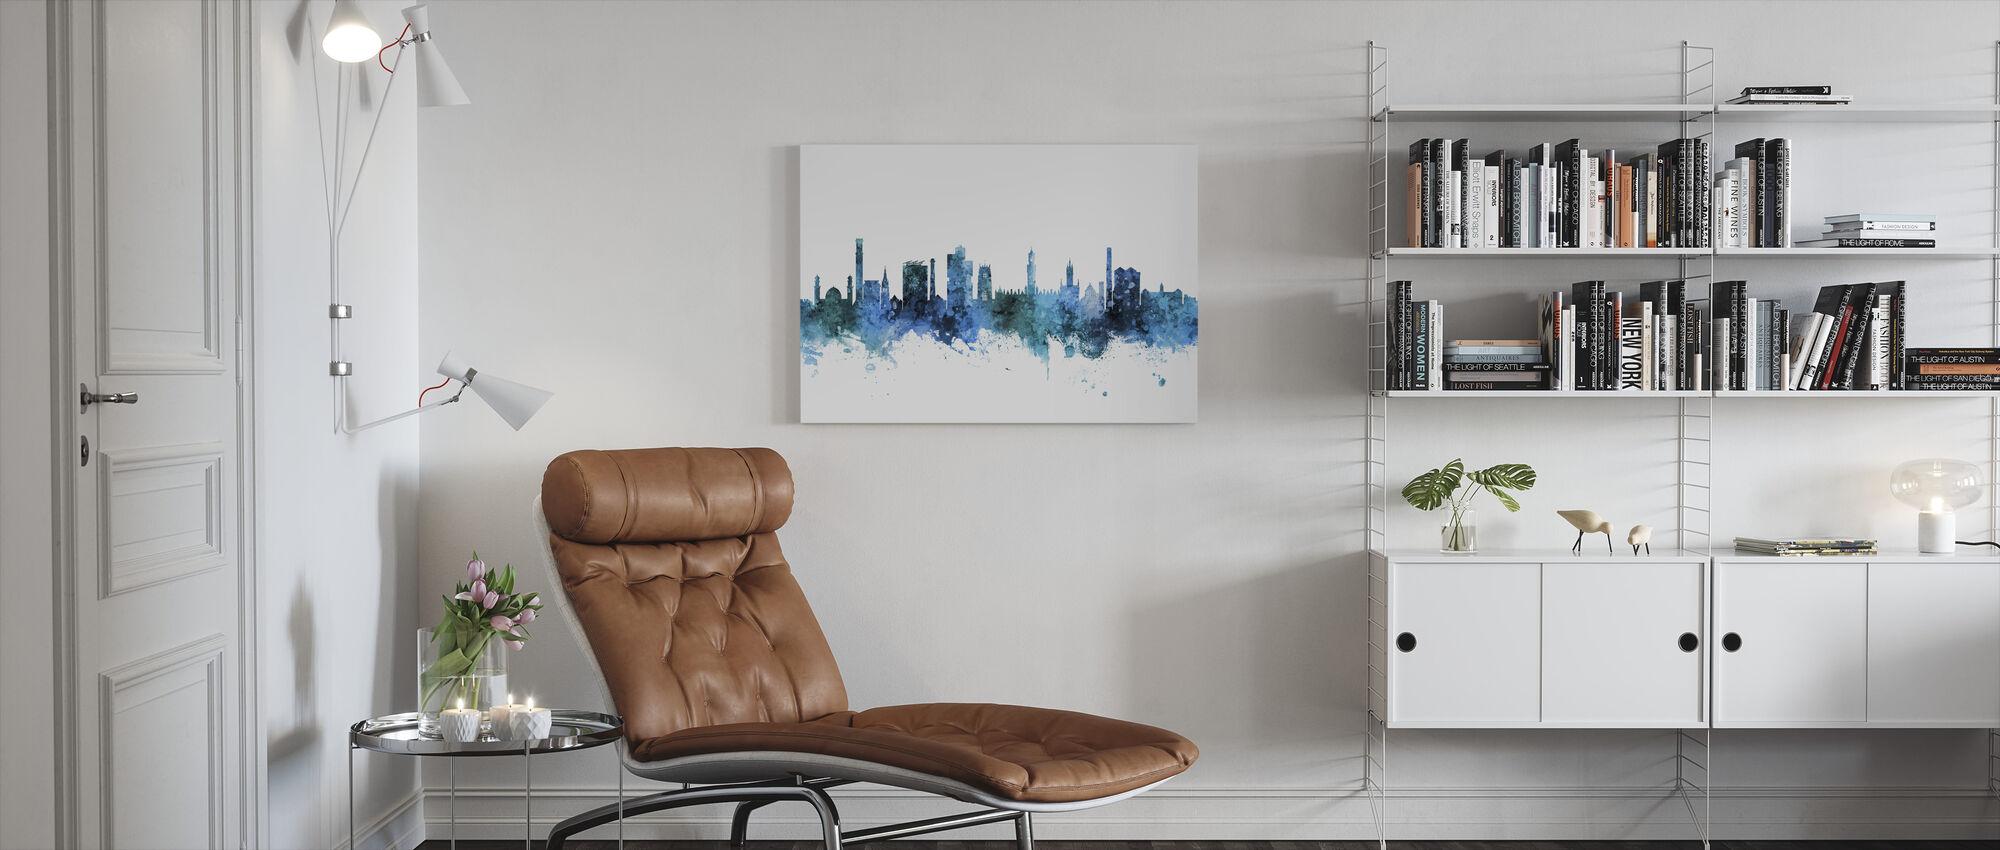 Skyline von Bradford England - Leinwandbild - Wohnzimmer